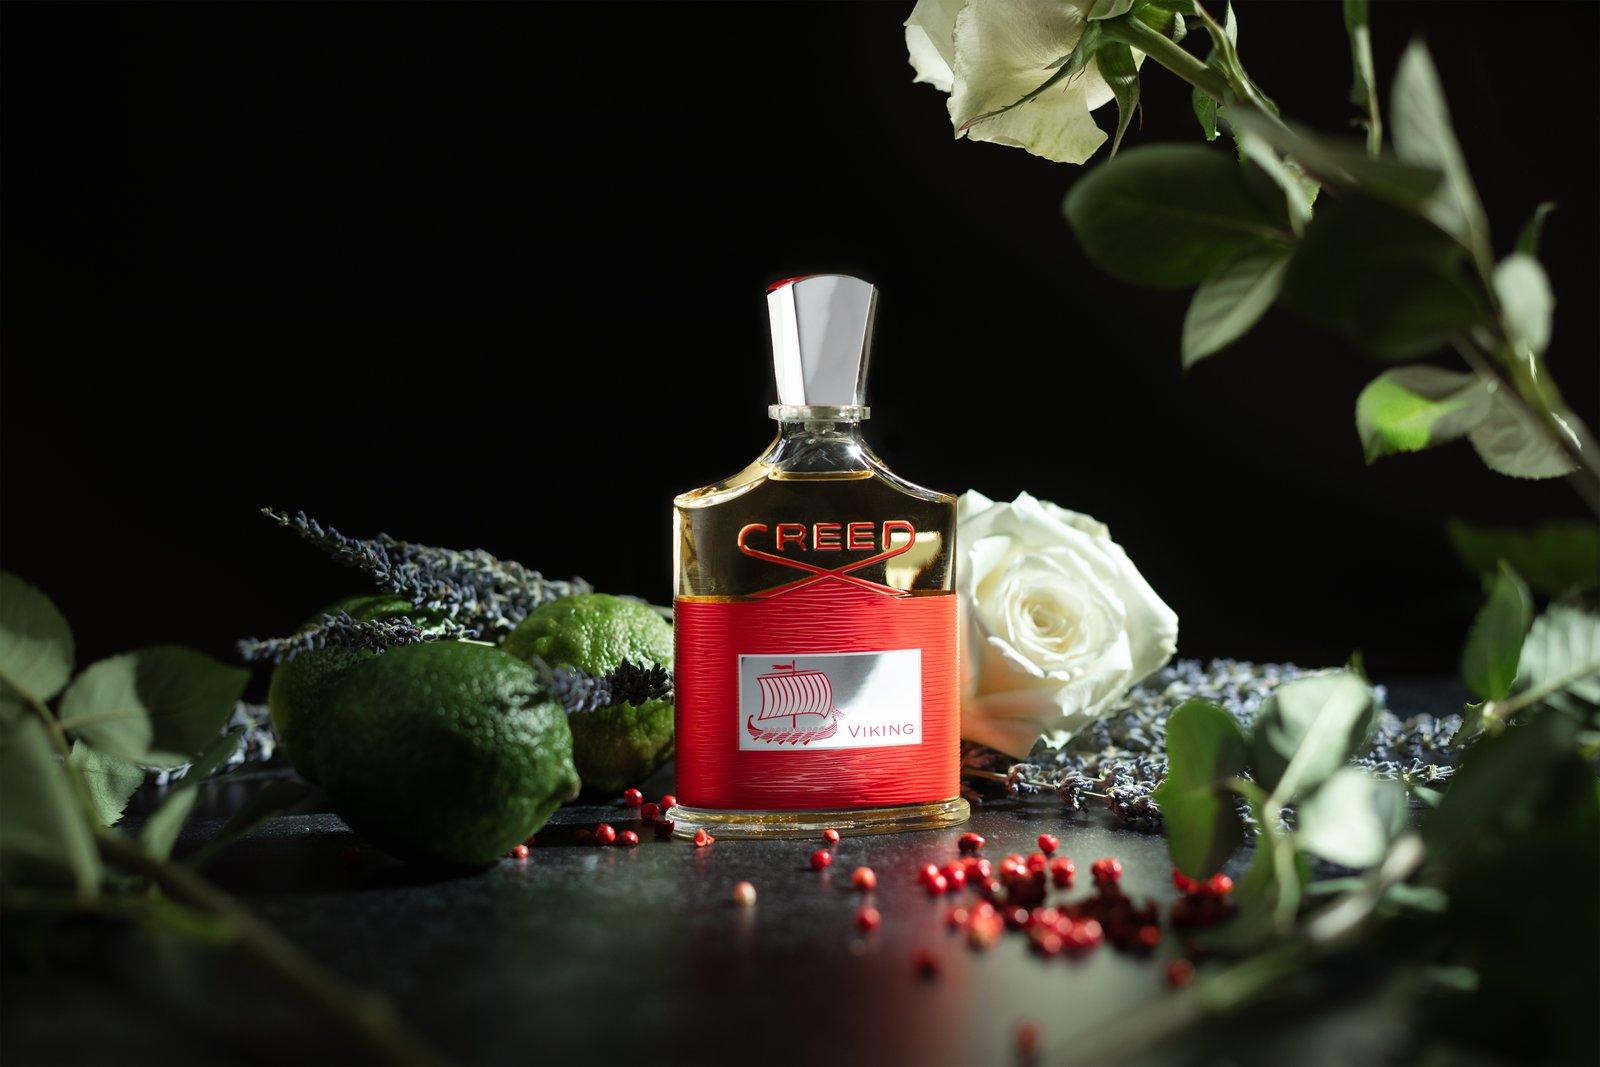 nước hoa creed